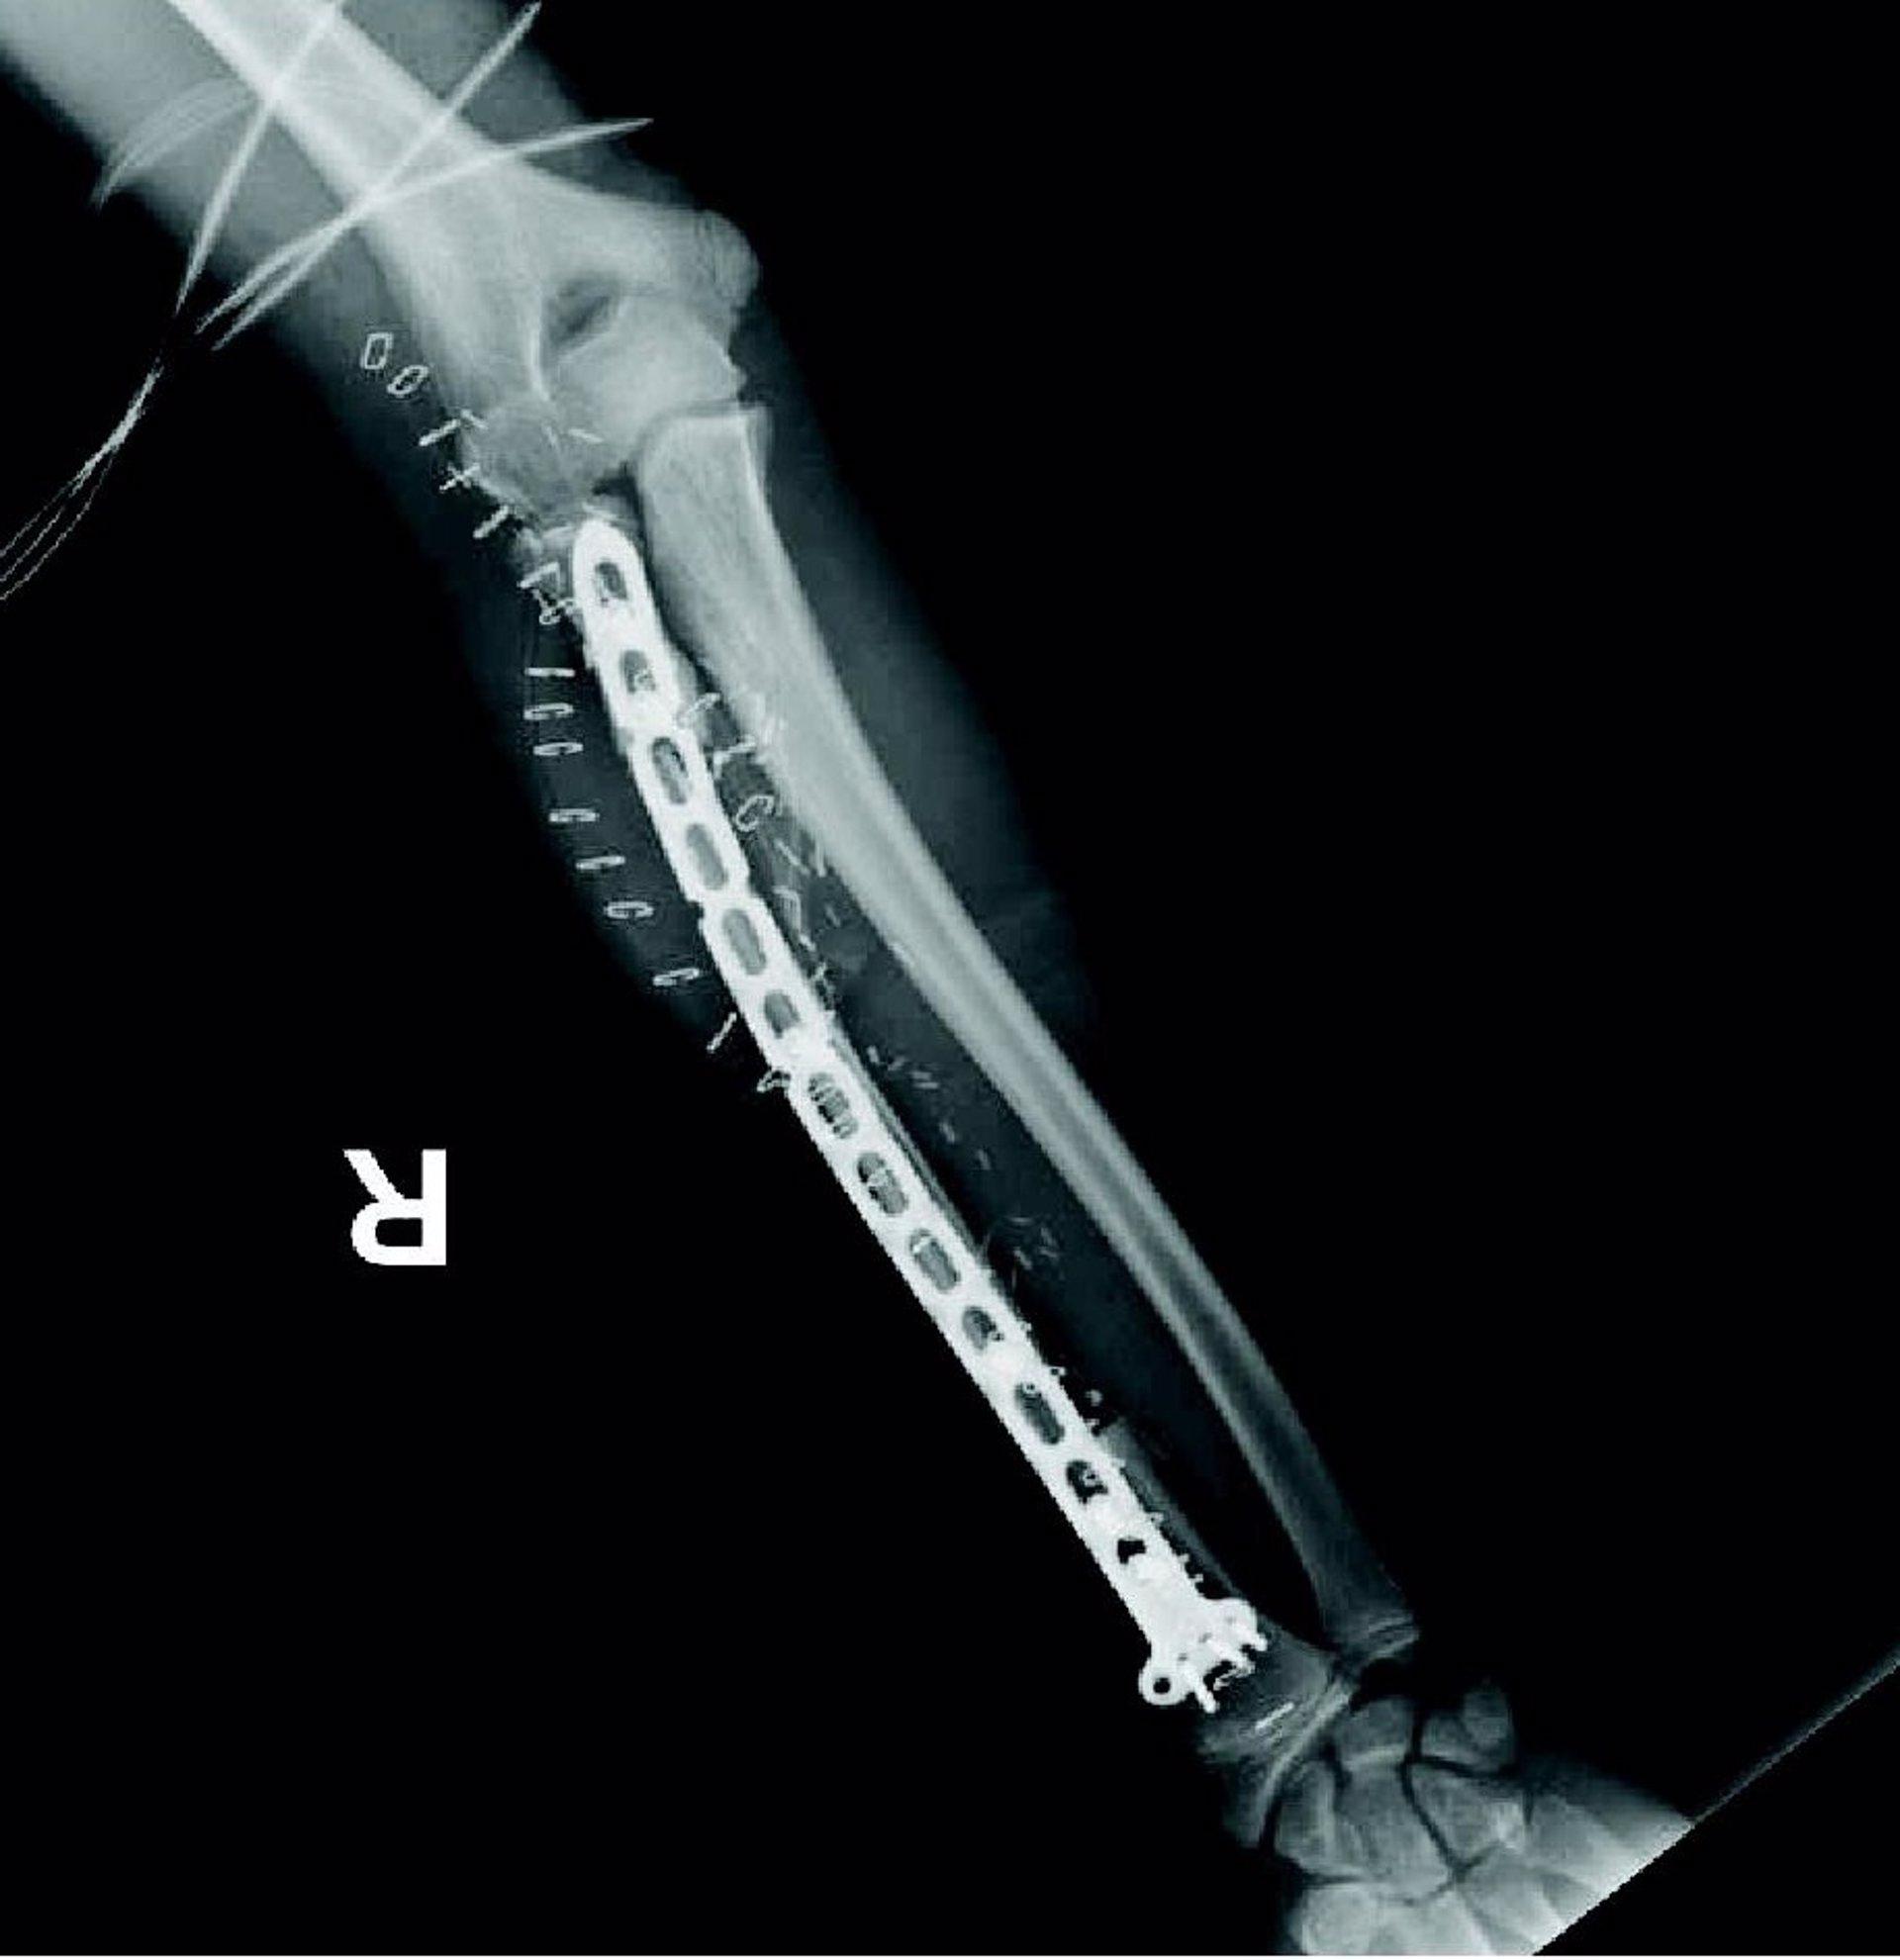 Reconstruyen el brazo de un niño con el hueso peroné de su pierna